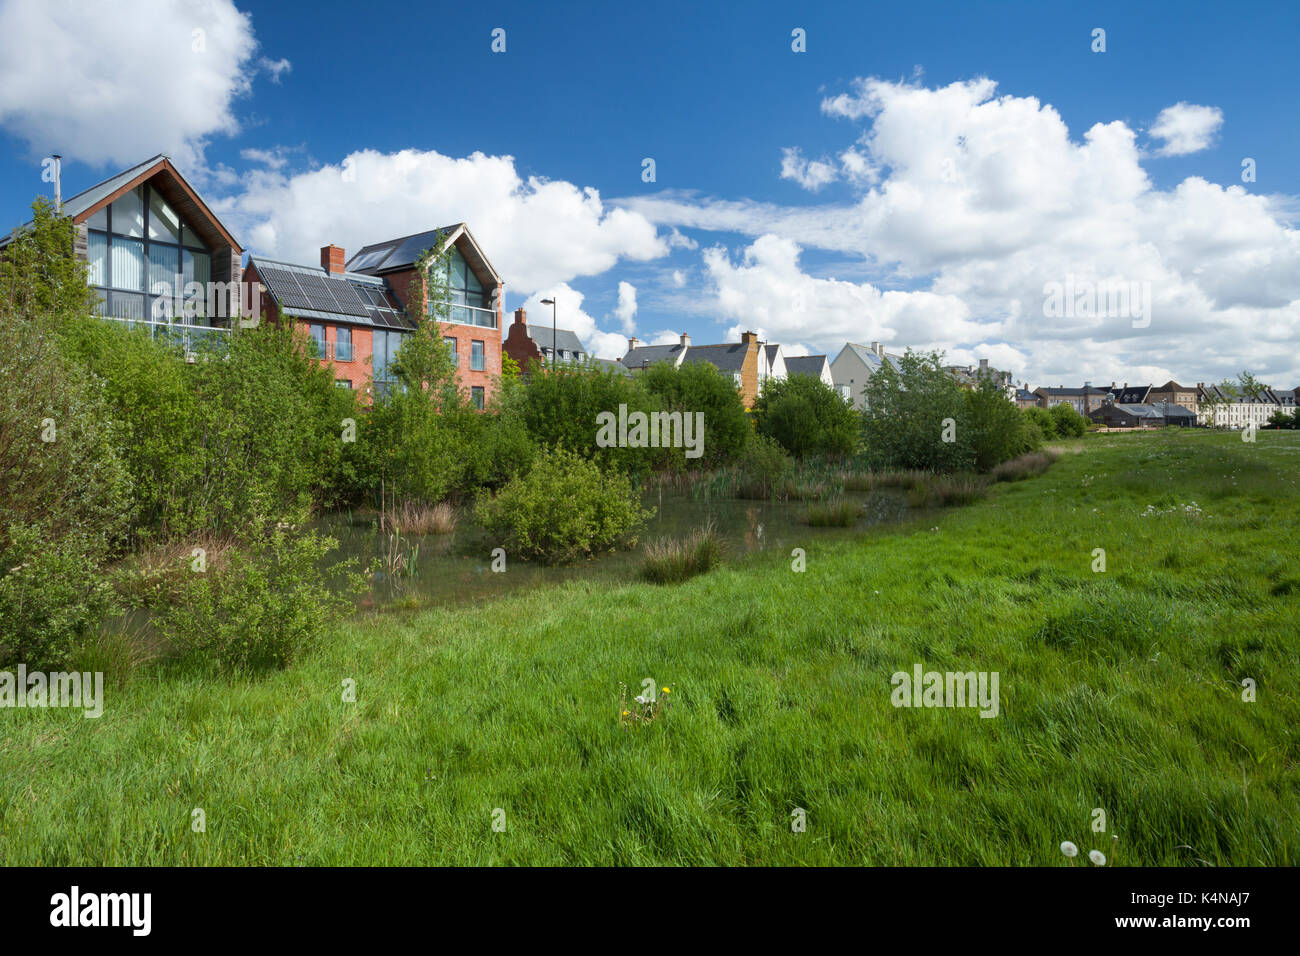 Un mélange de styles architecturaux contemporains à côté d'un parc doté de bords respectueux de la faune et des zones humides pour la capture de l'eau de pluie, Northampton, en Angleterre. Photo Stock